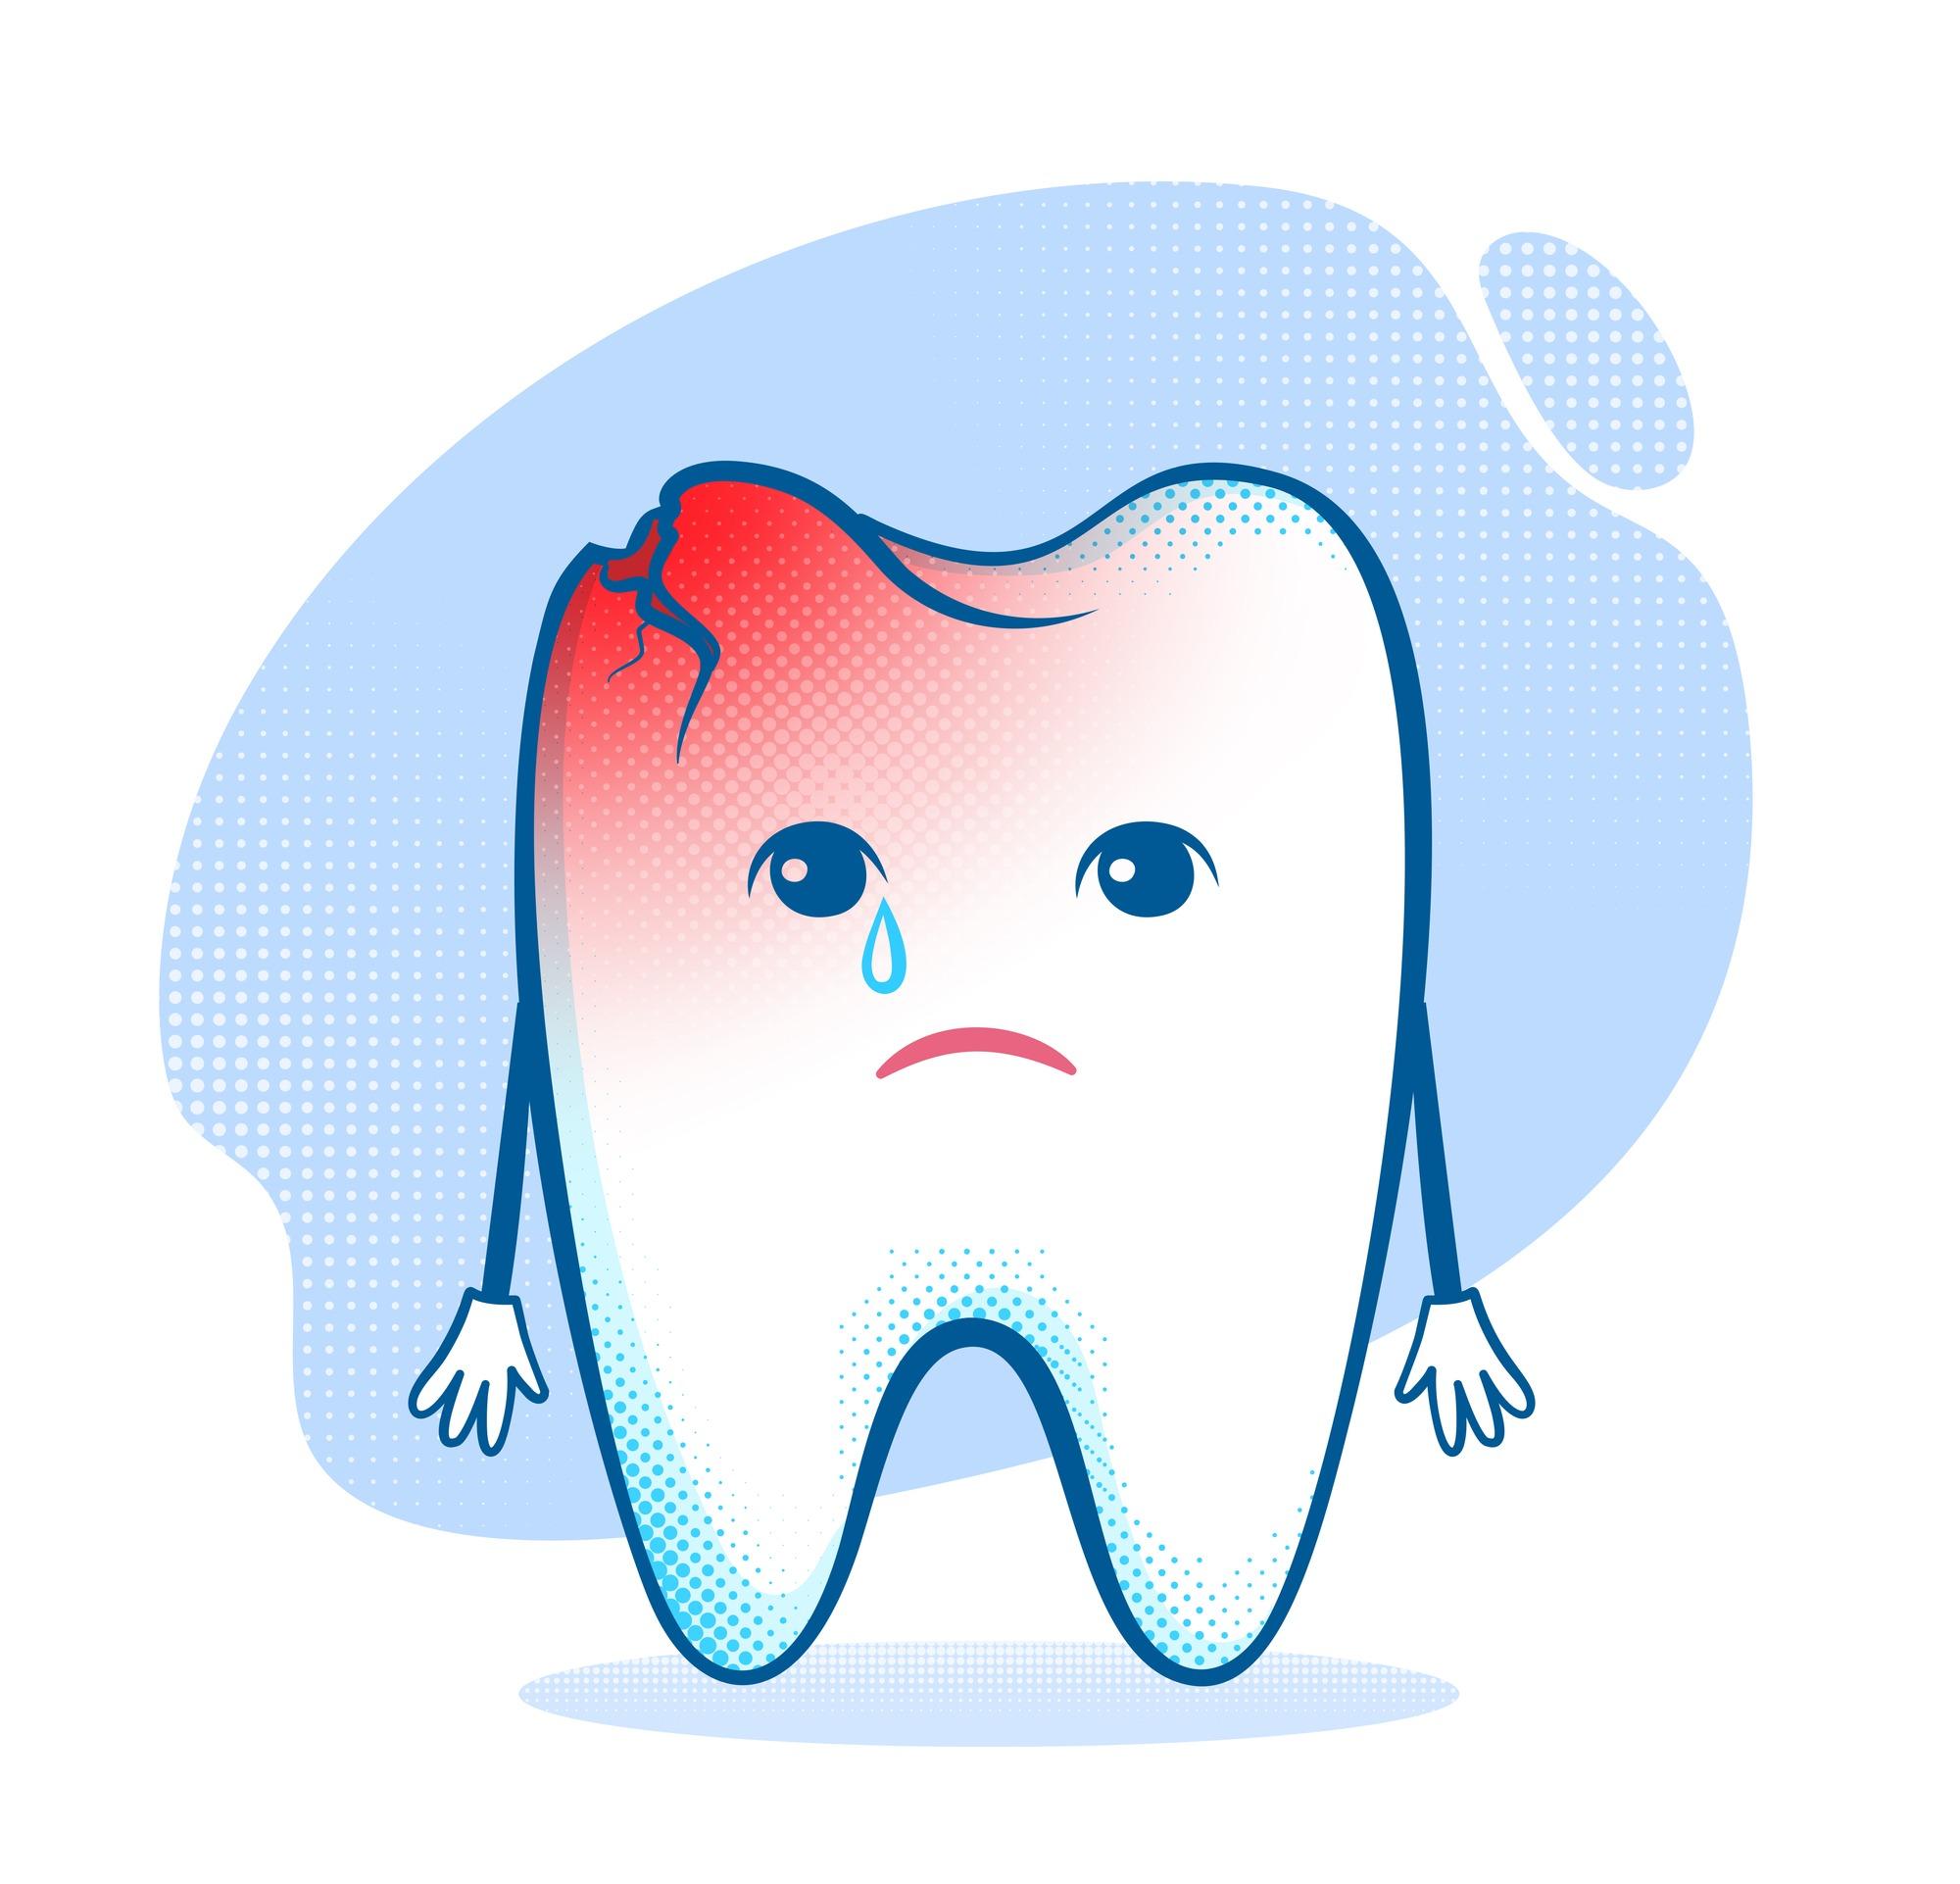 Больной зуб в картинках для детей